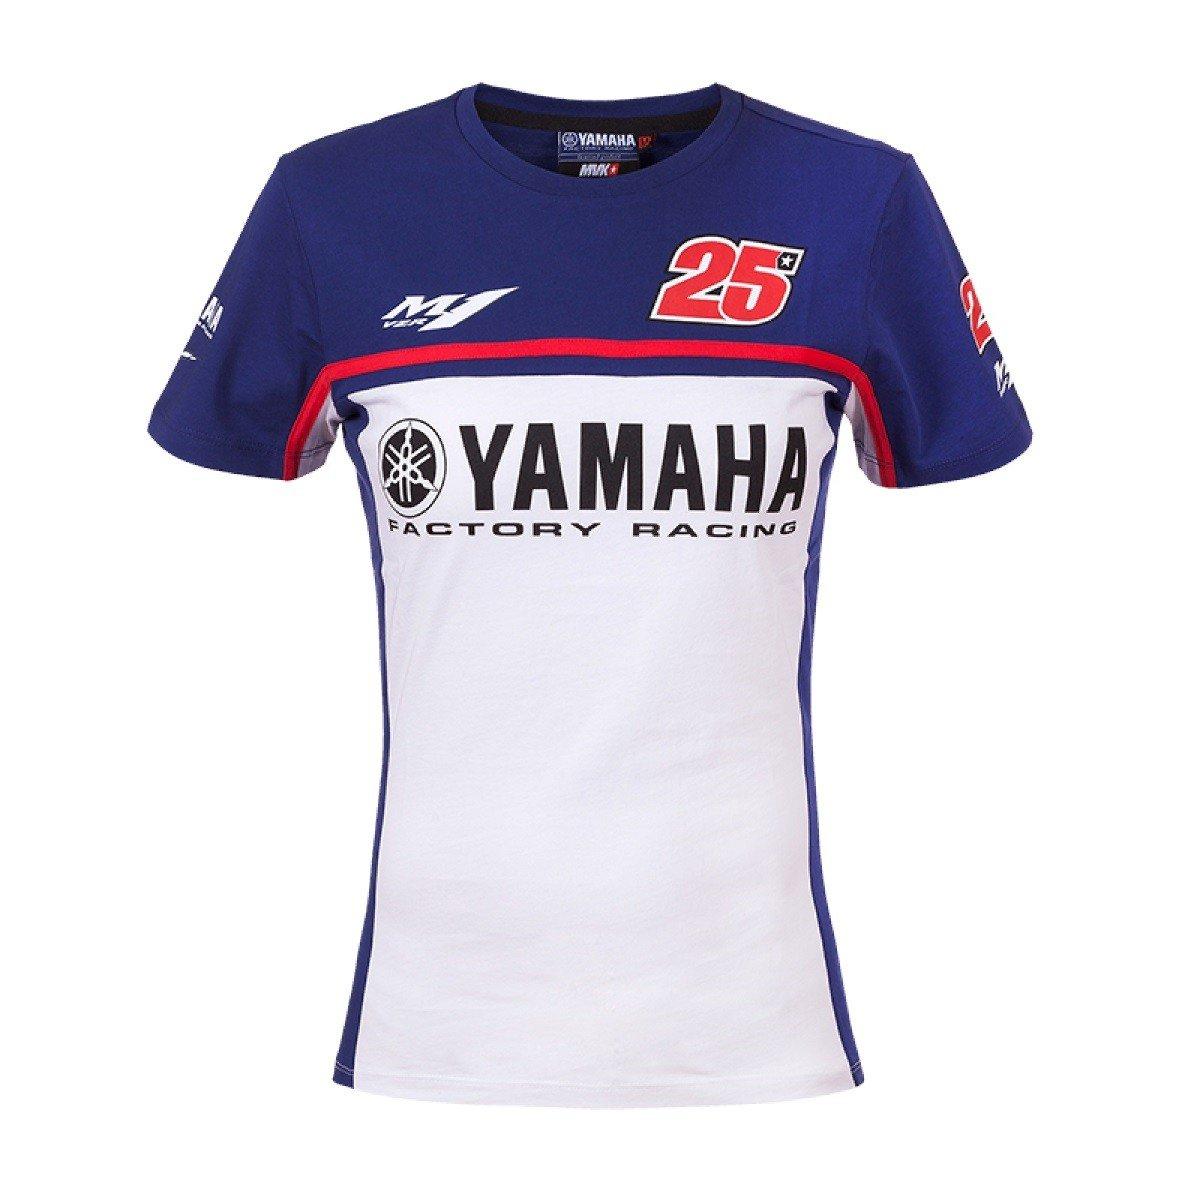 Dámské tričko YAMAHA Maverick Vinales 2017 (modro/bílé) XS